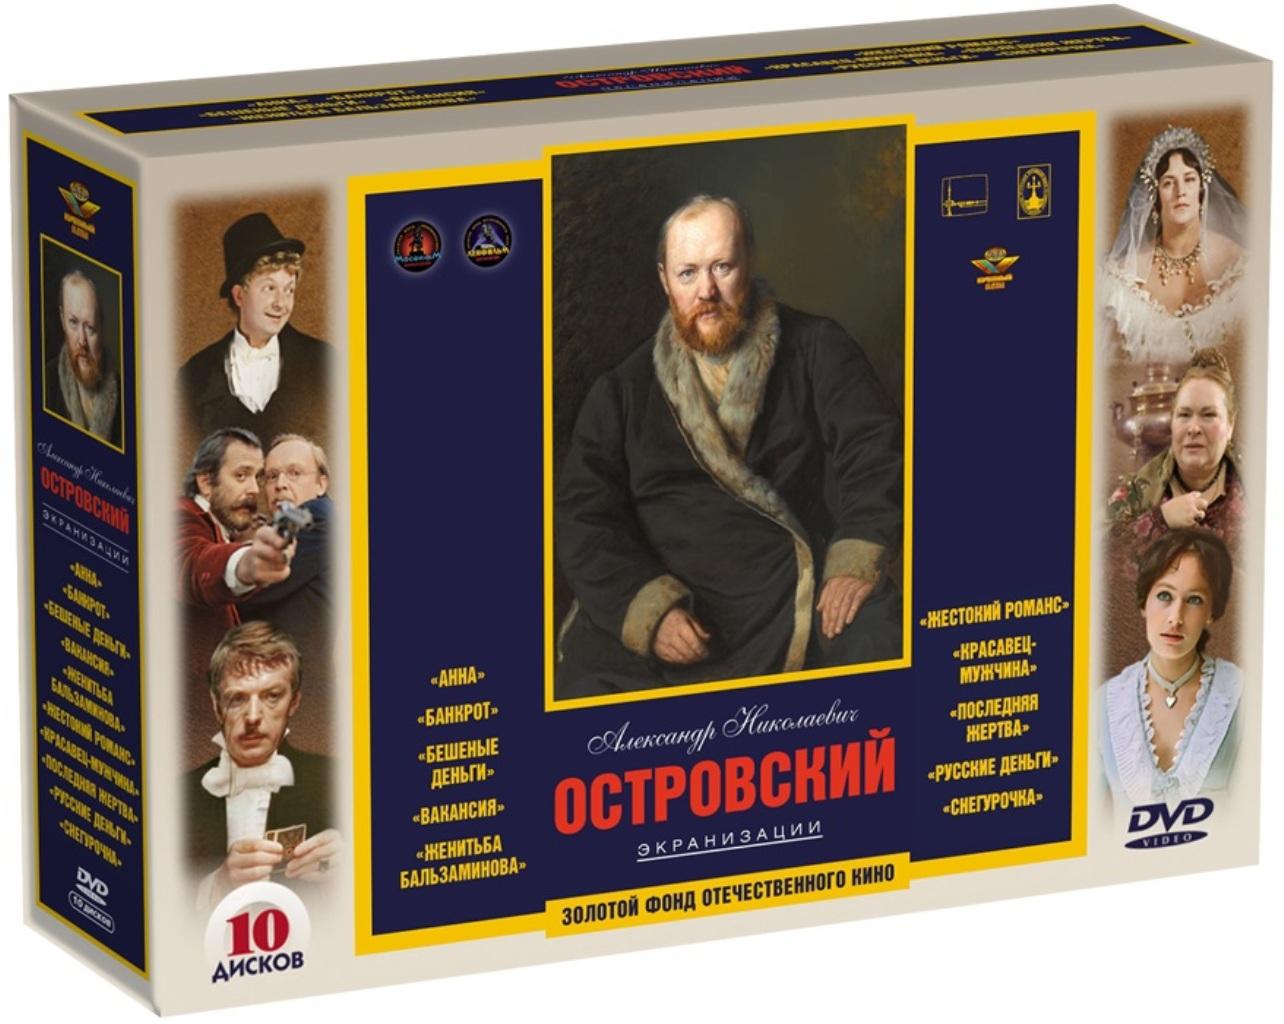 Золотой фонд отечественного кино: Островский А.Н. Экранизации (10 DVD) фото